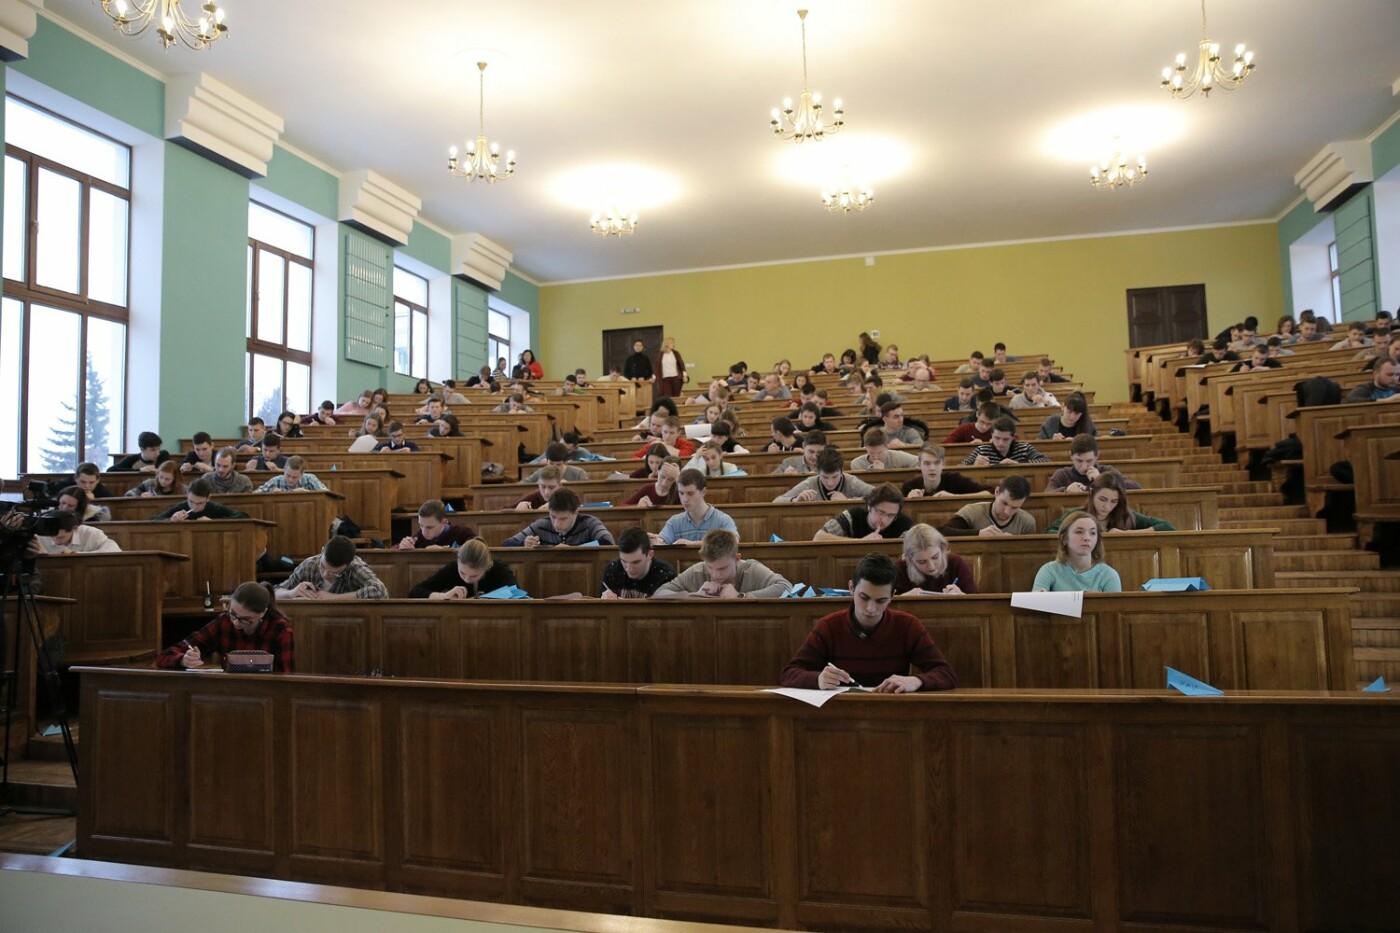 Студенты Днепропетровщины сражаются в знаниях за право посетить Лондон в рамках «Авиатора», фото-3